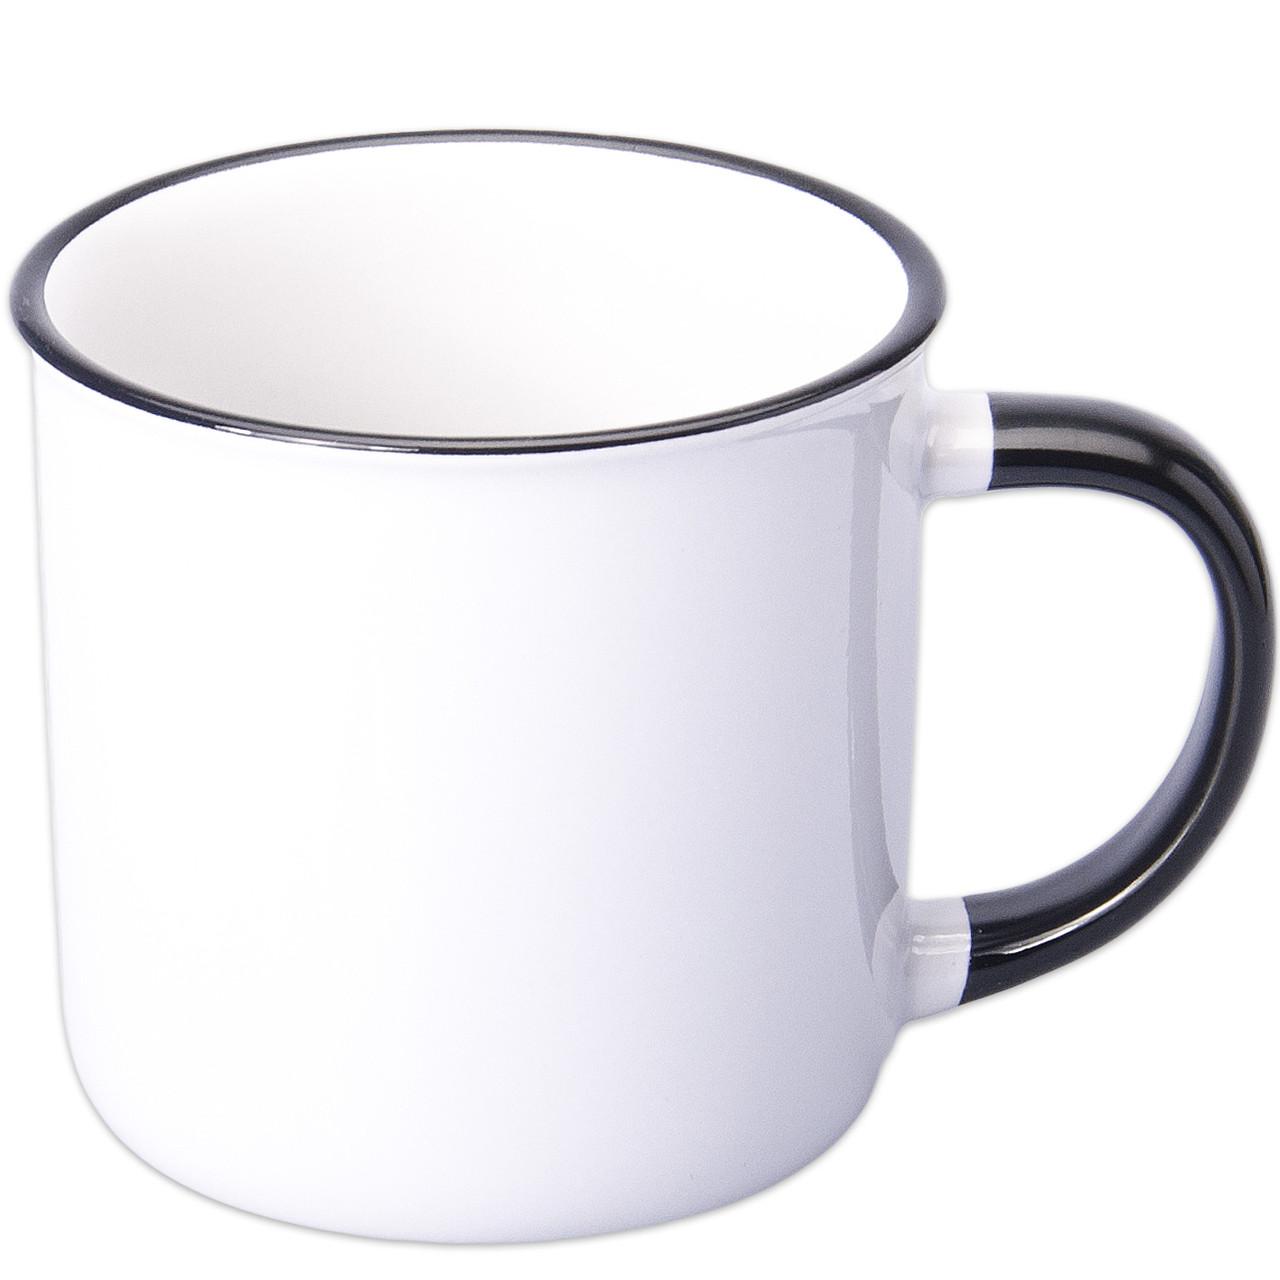 Чашка сублимационная белая эмалированная цветной ободок и ручка (чёрный)